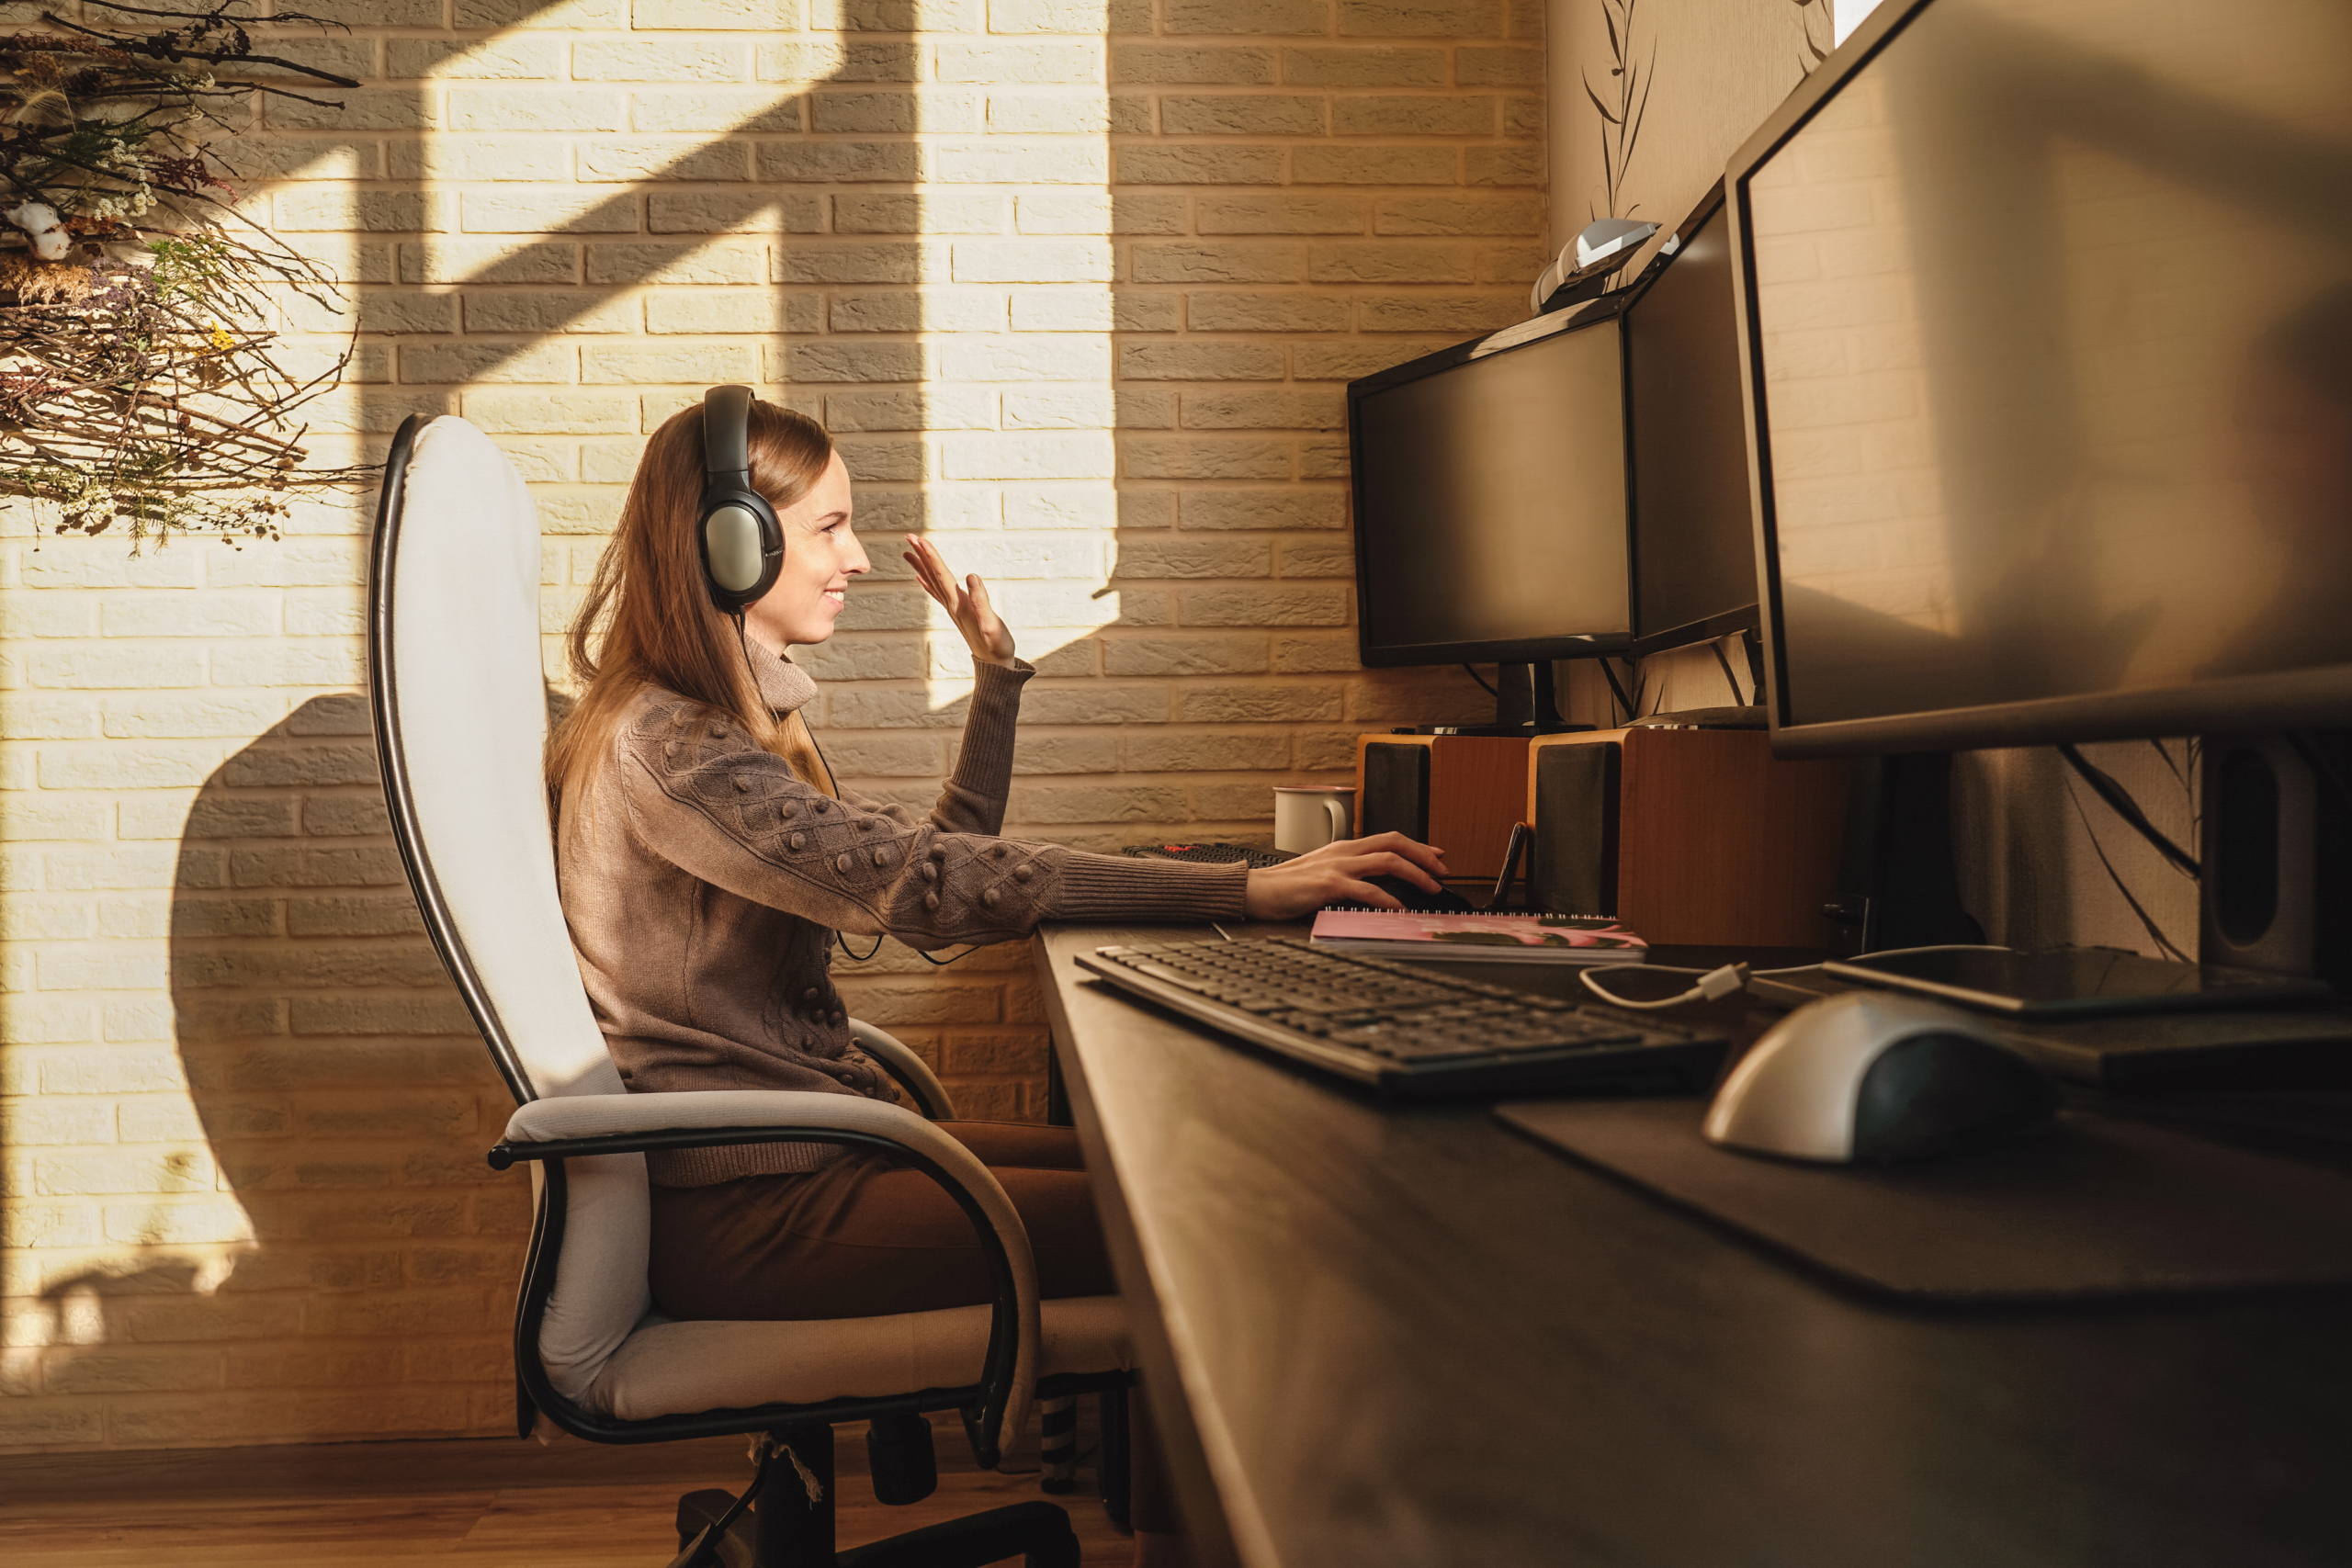 Prepararsi ad un Colloquio di Lavoro allenandosi attraverso una Sessione di Psicologia Online.